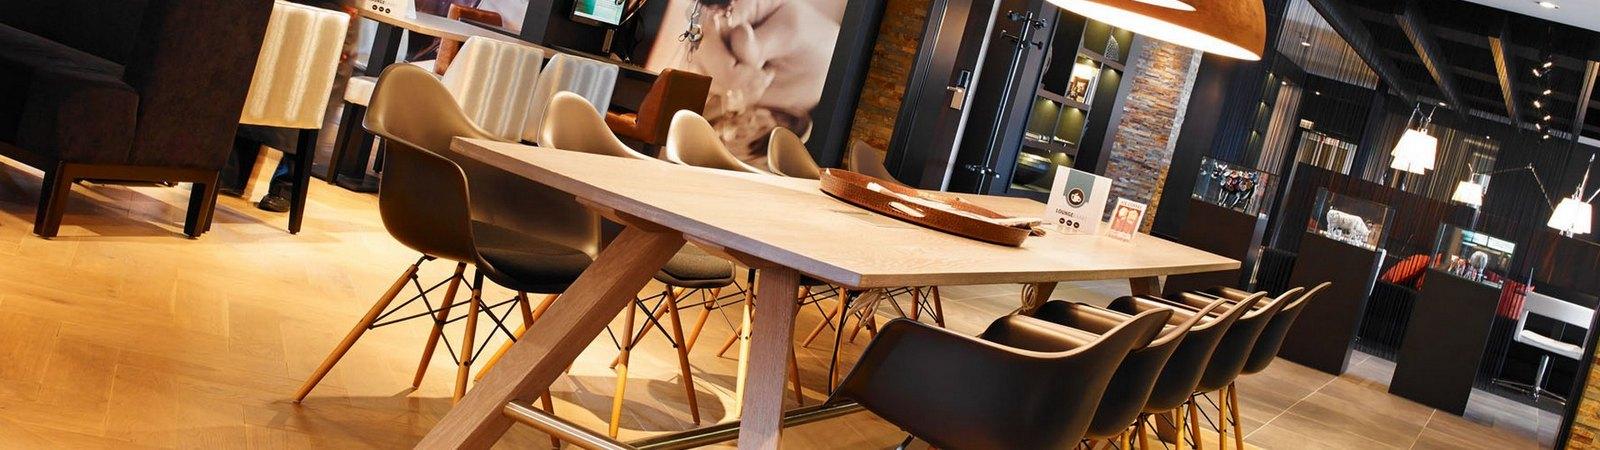 Perla tafels panorama 01